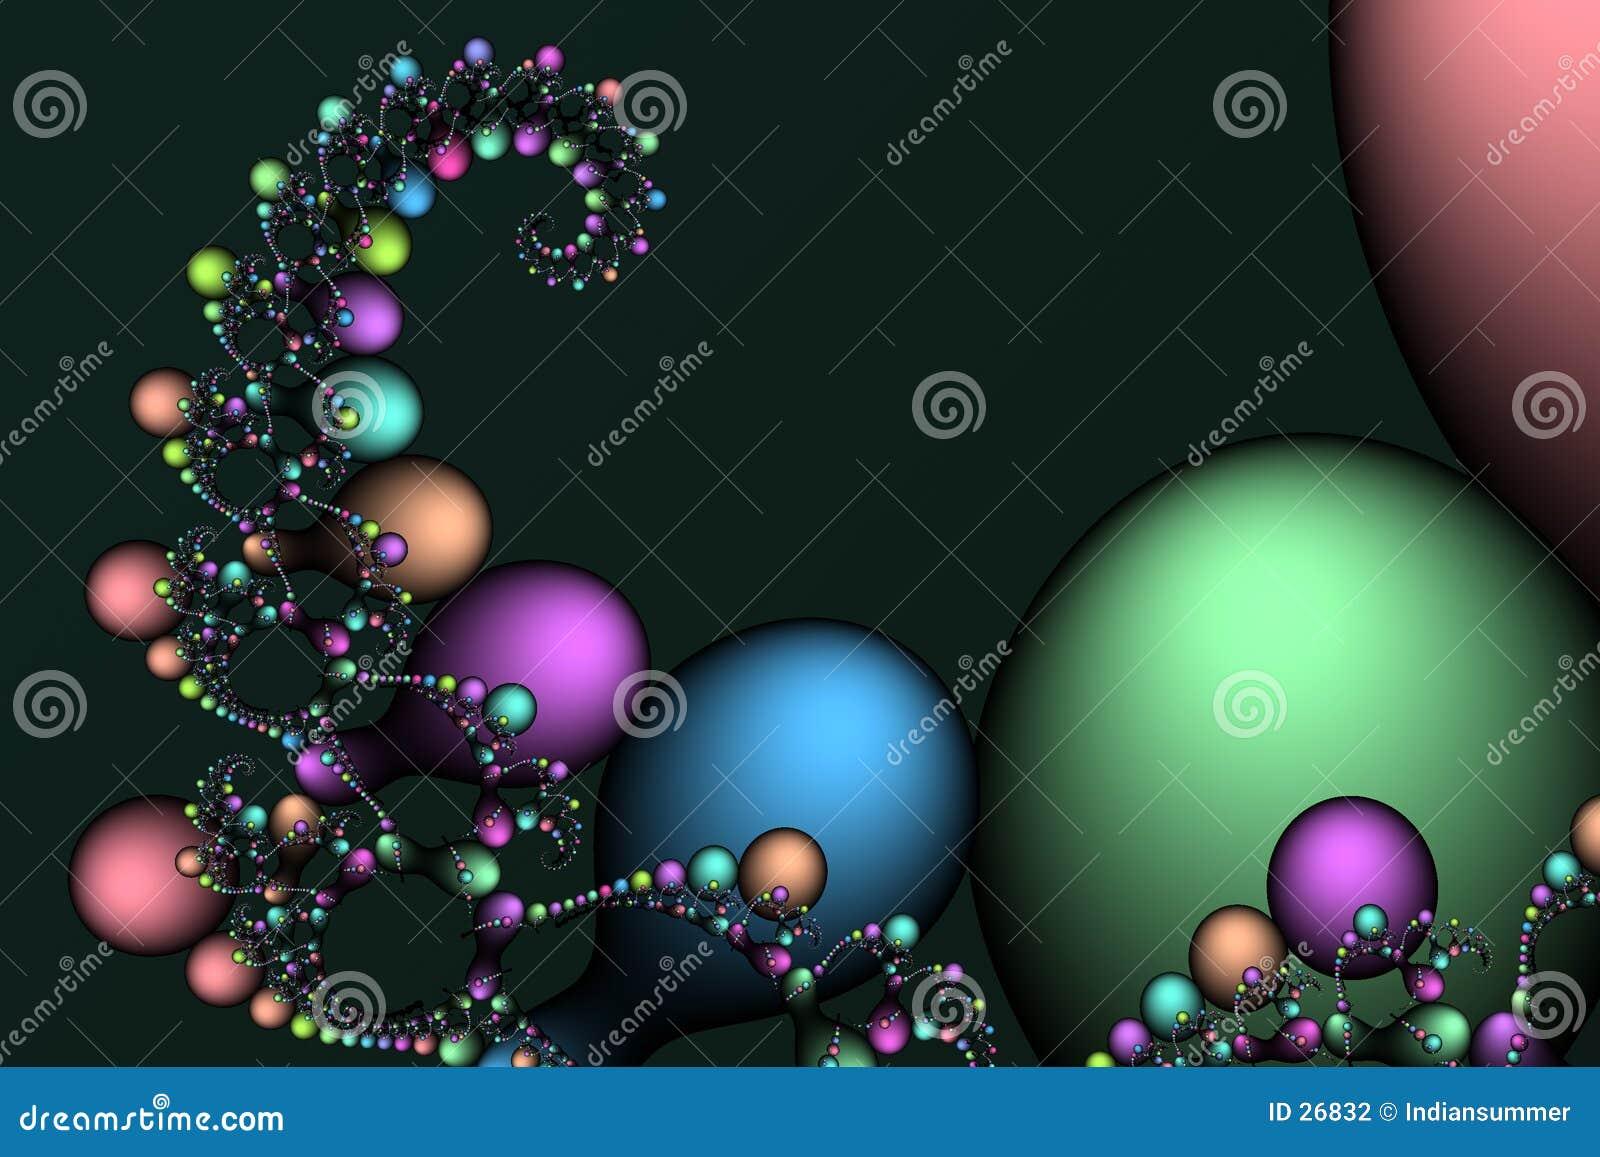 Bubbles fractal ii texture